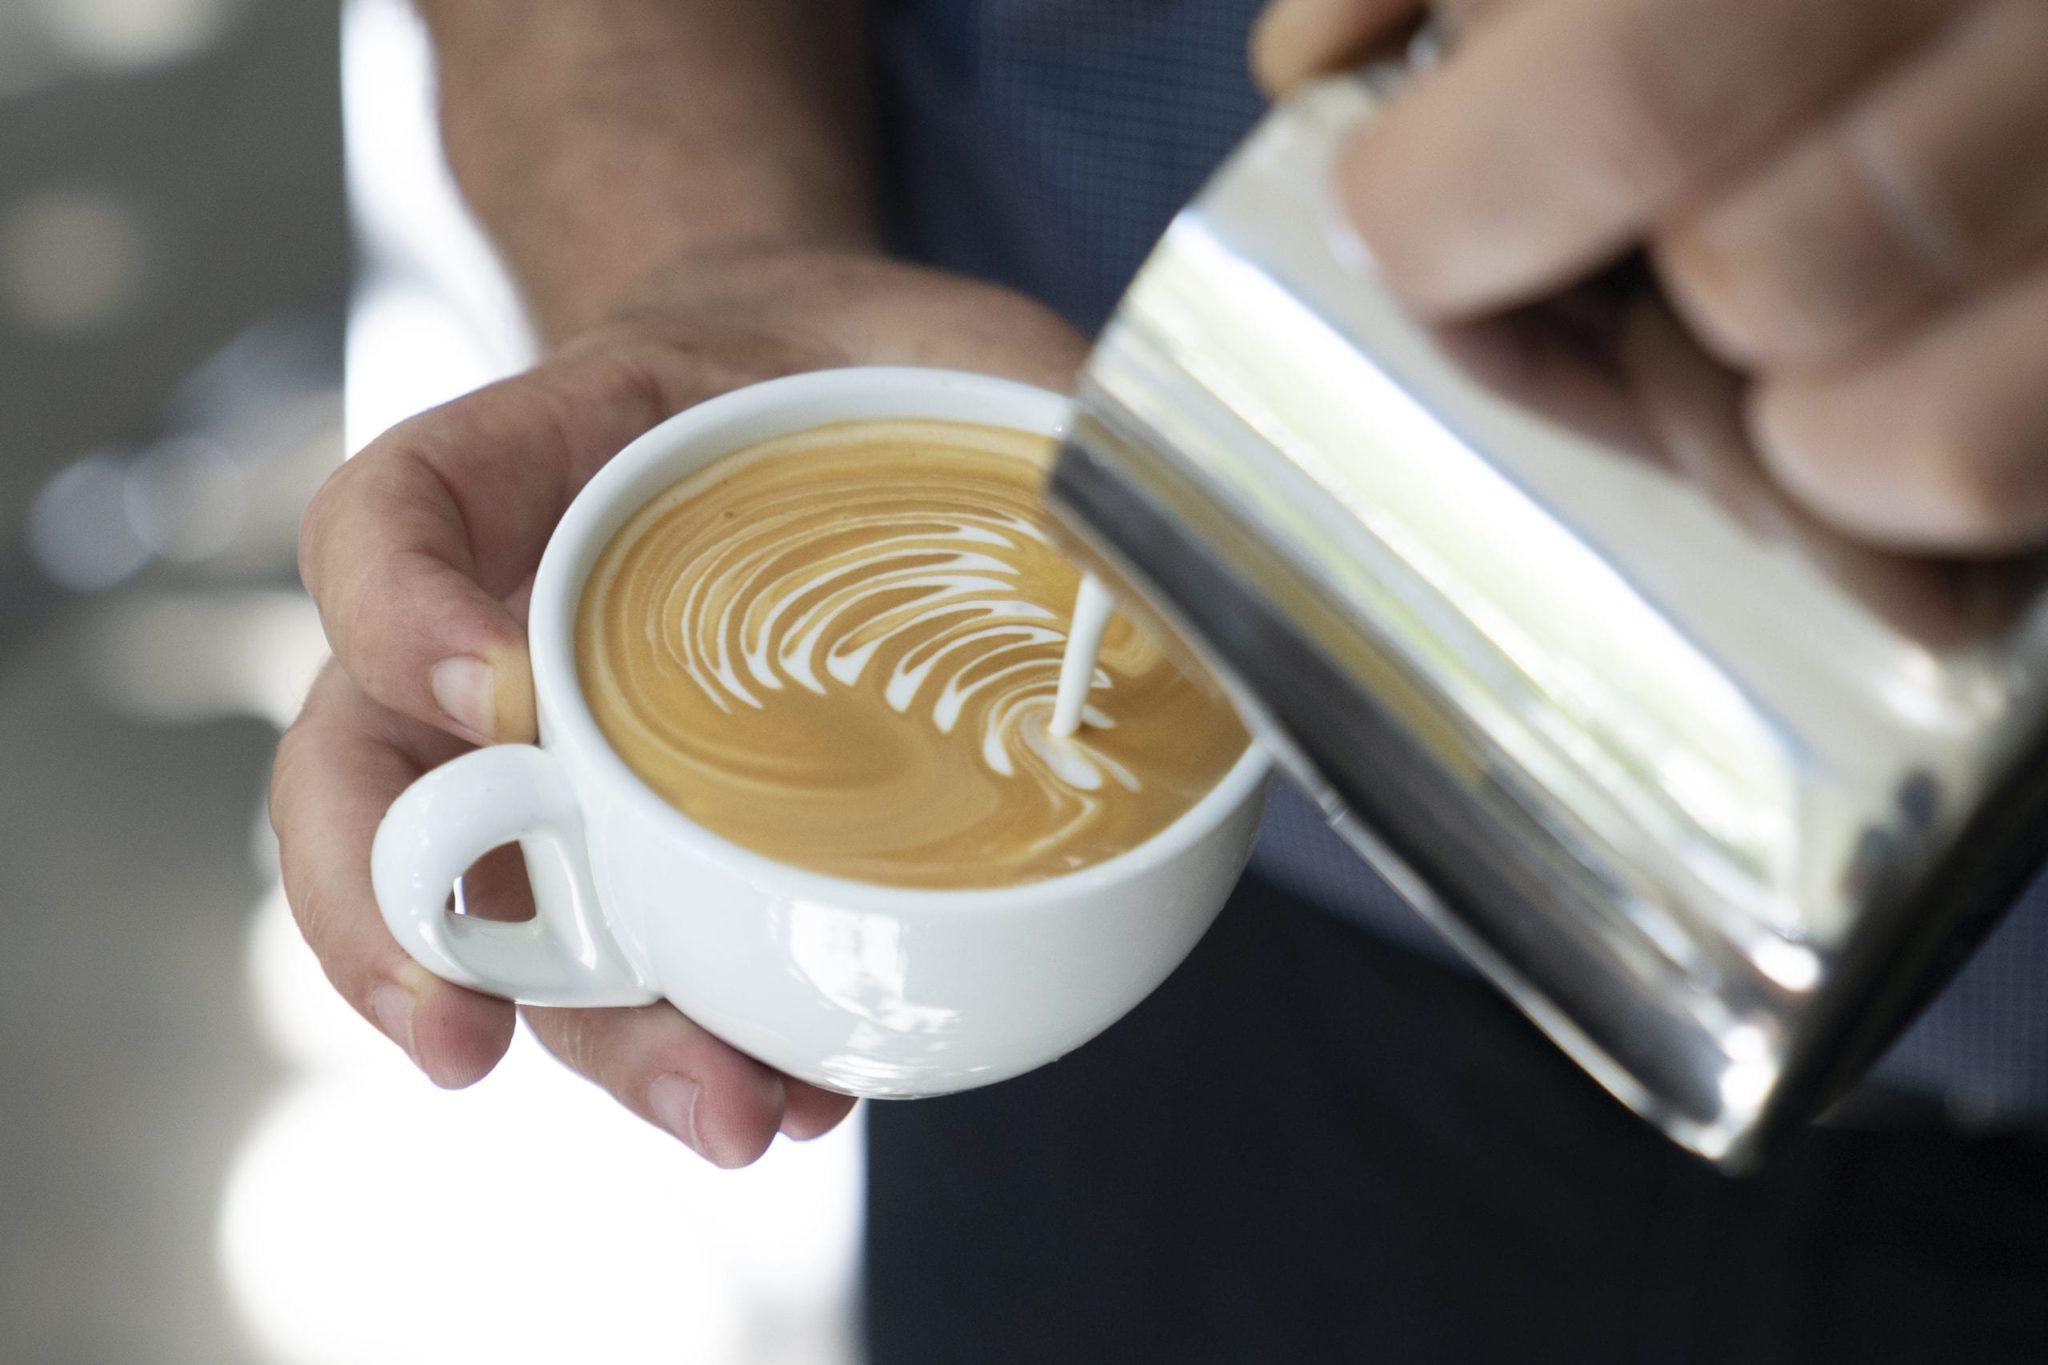 מזיגת חלב לקפה הפוך